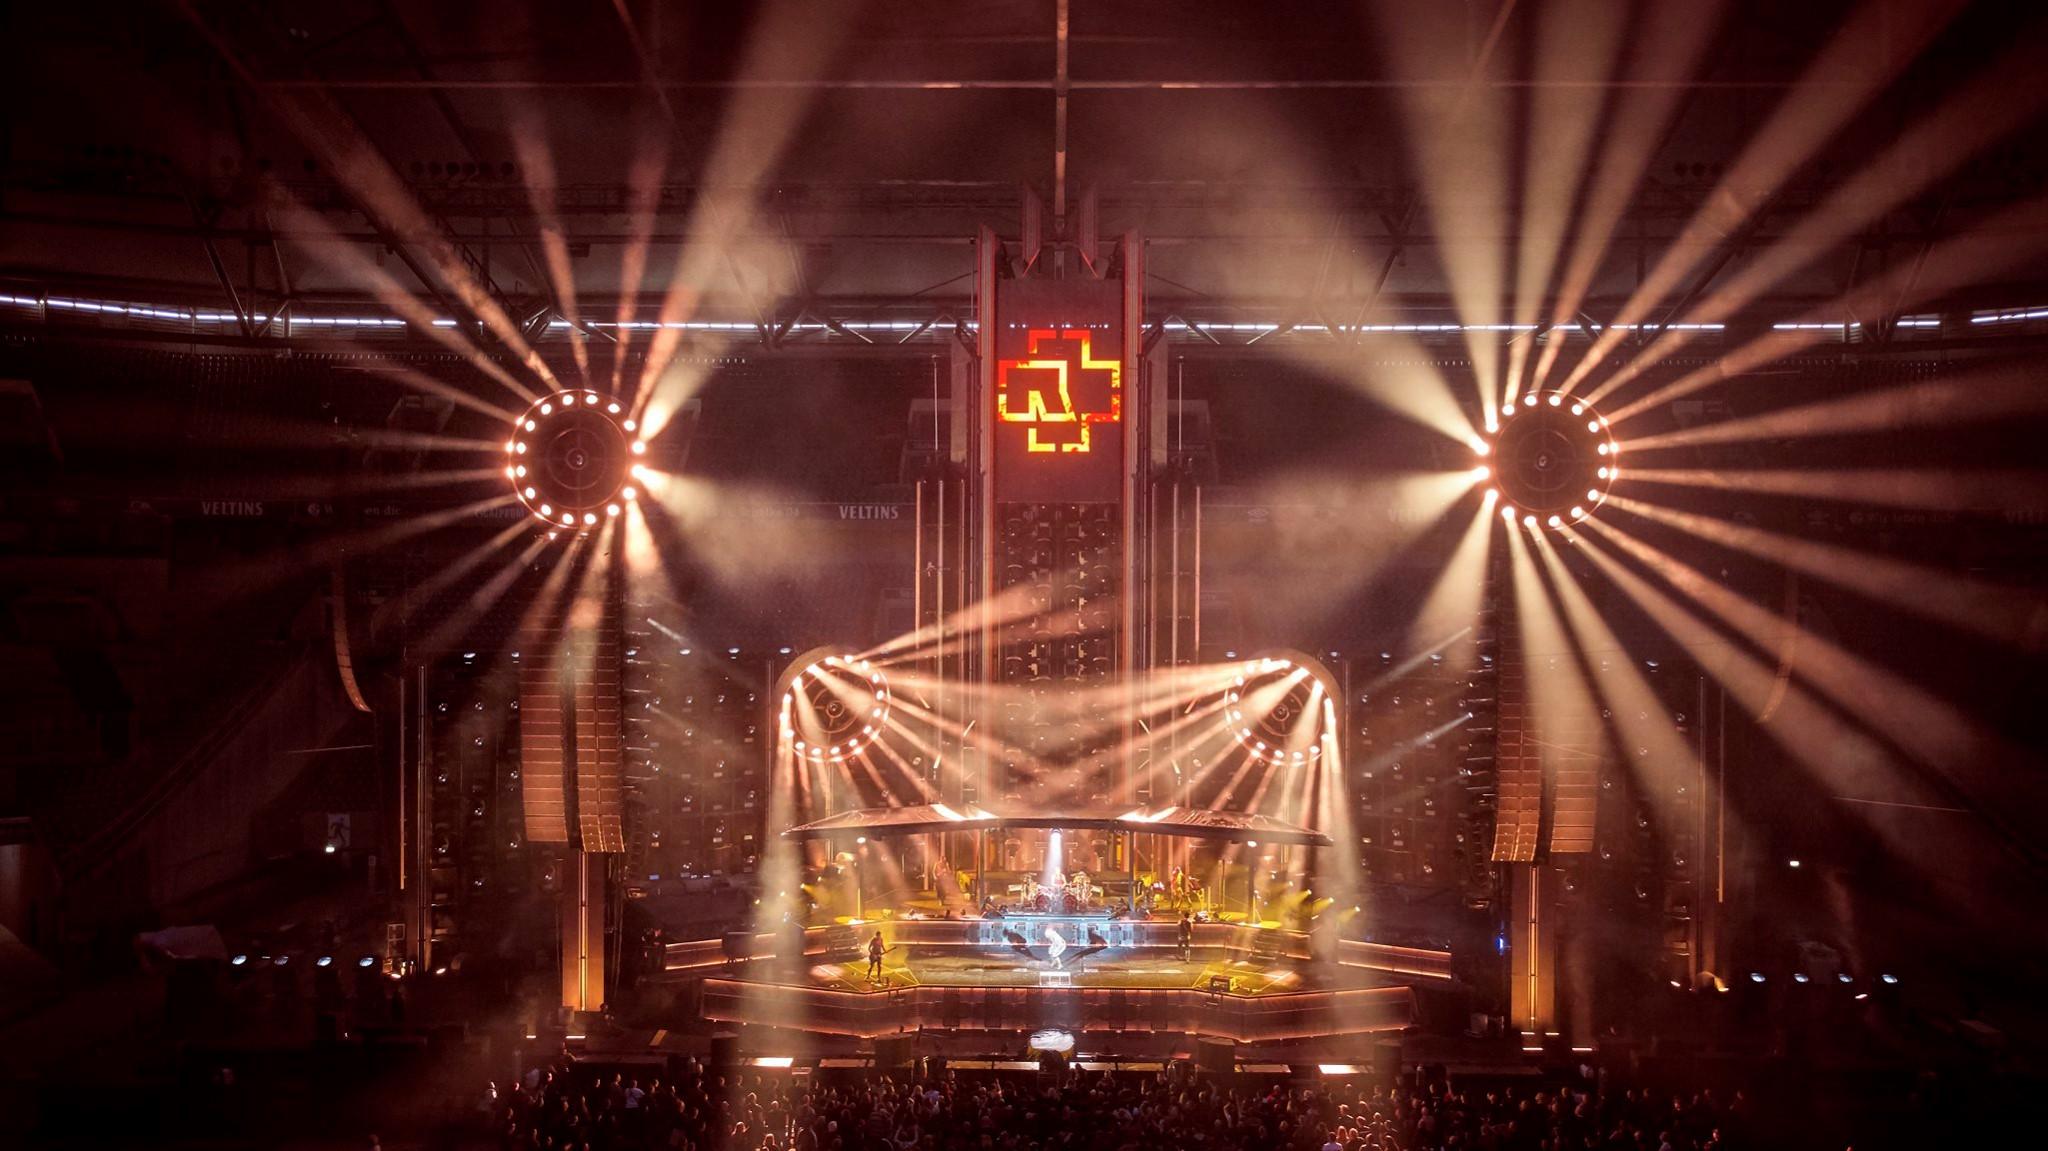 rammstein_concert_2019_5.jpg